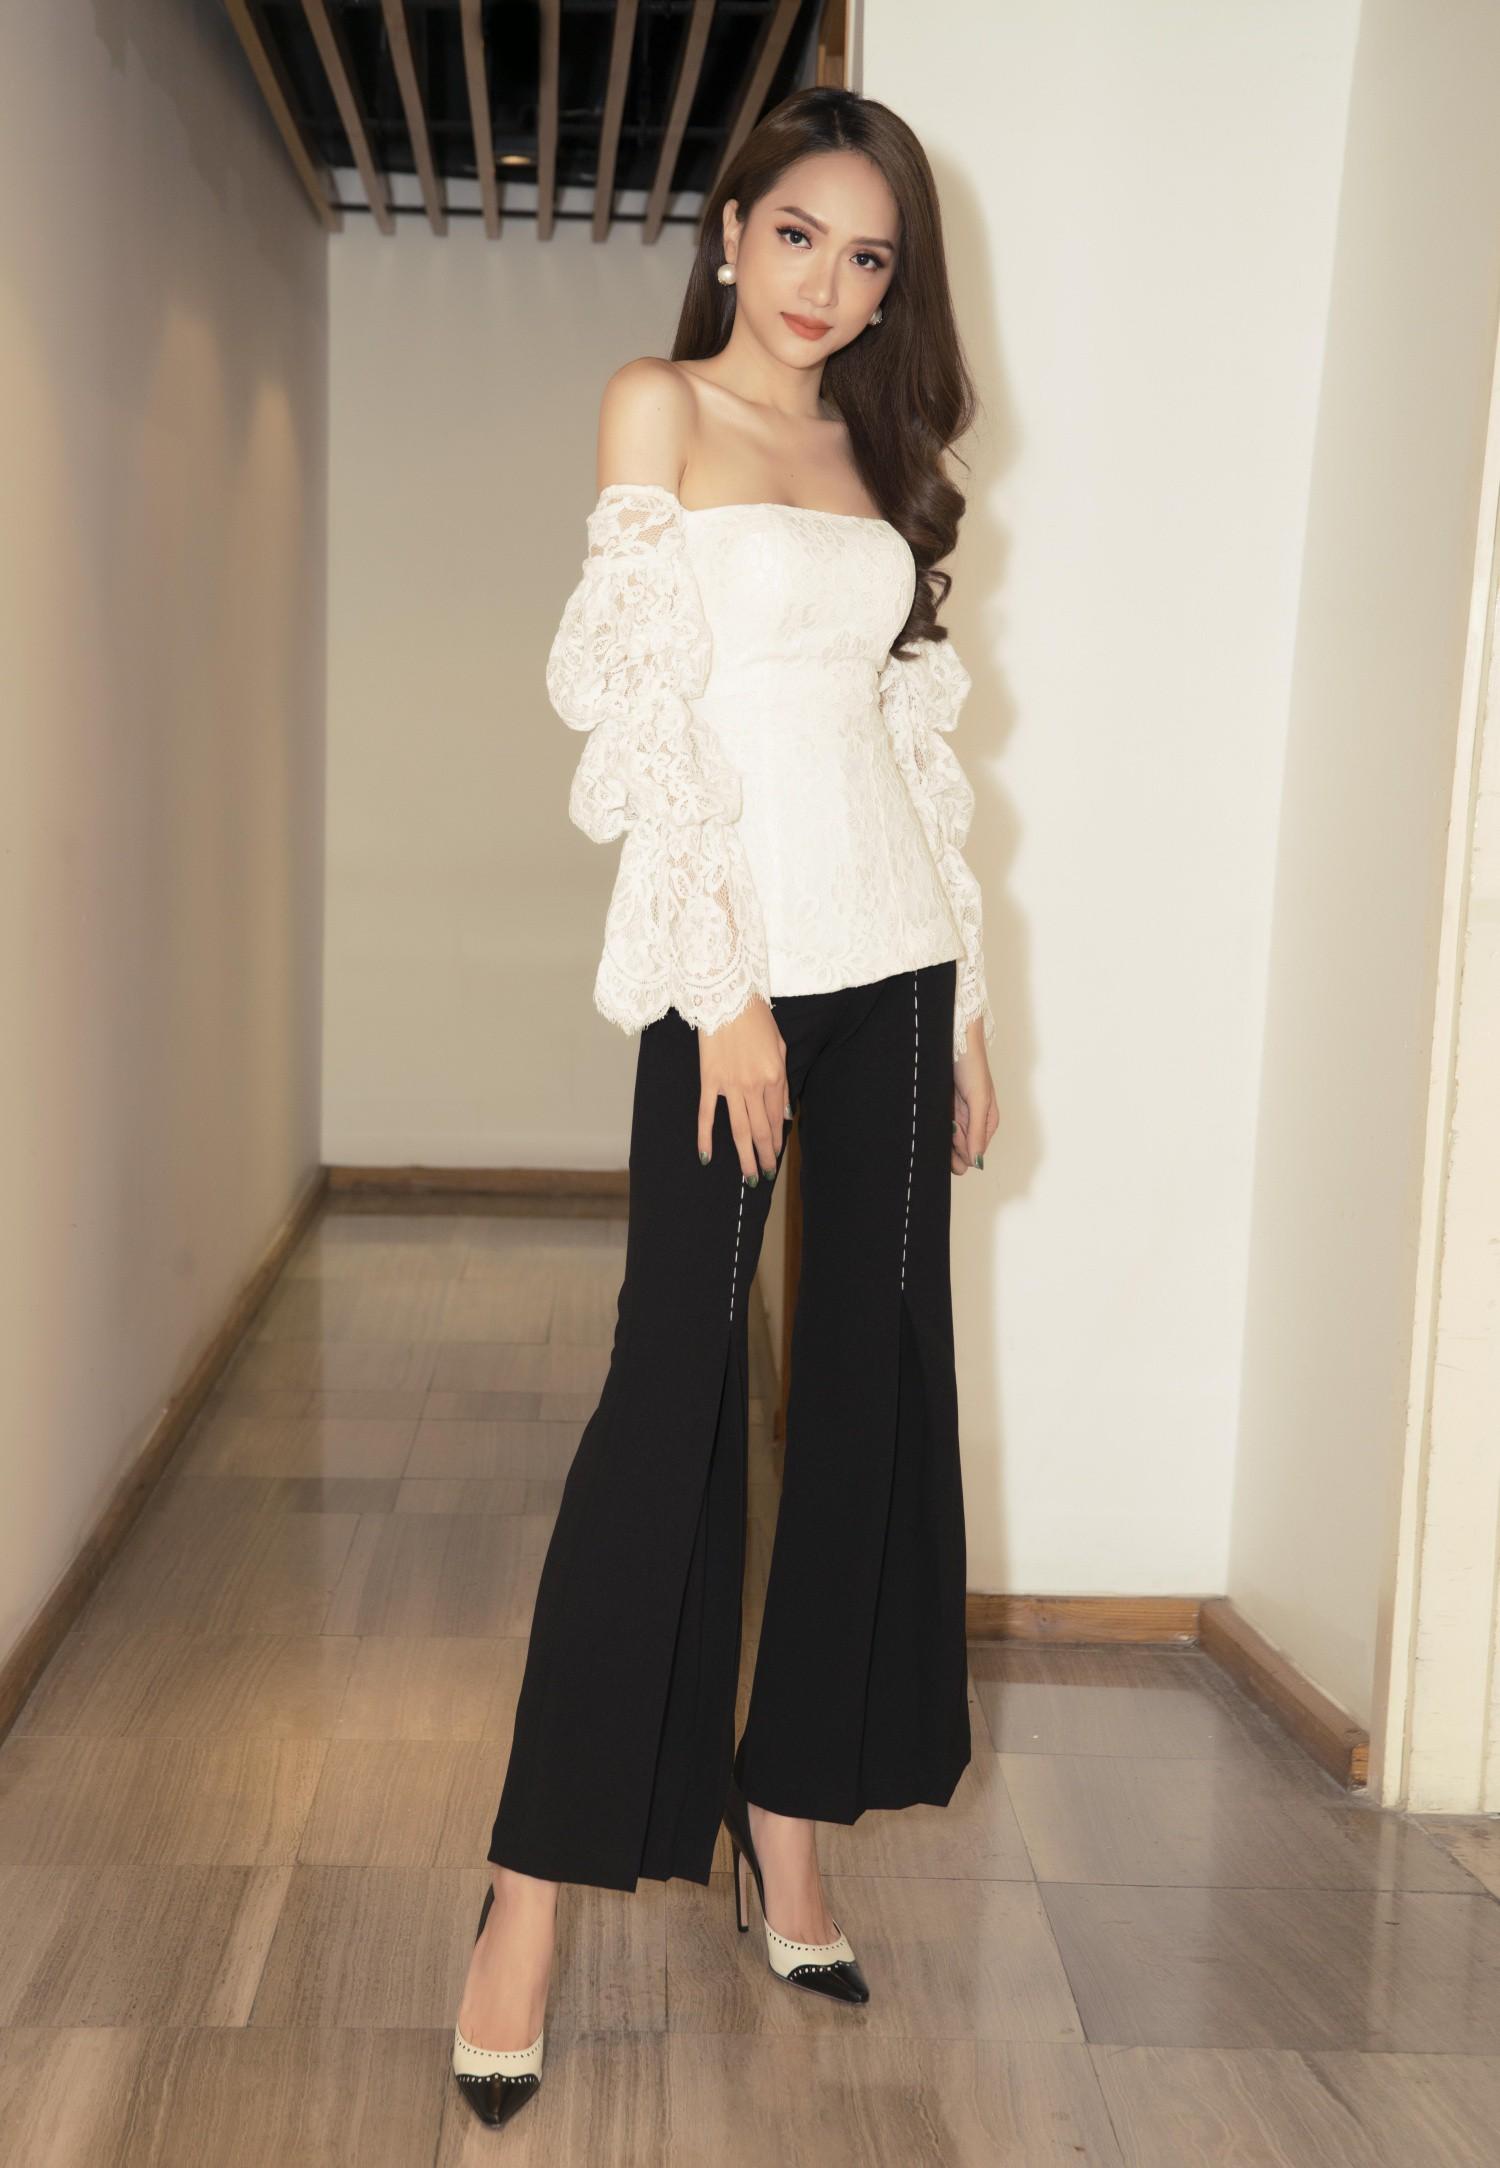 Hương Giang diện váy ôm sát gợi cảm, nhận giải Top 50 Phụ nữ ảnh hưởng nhất Việt Nam - Ảnh 5.